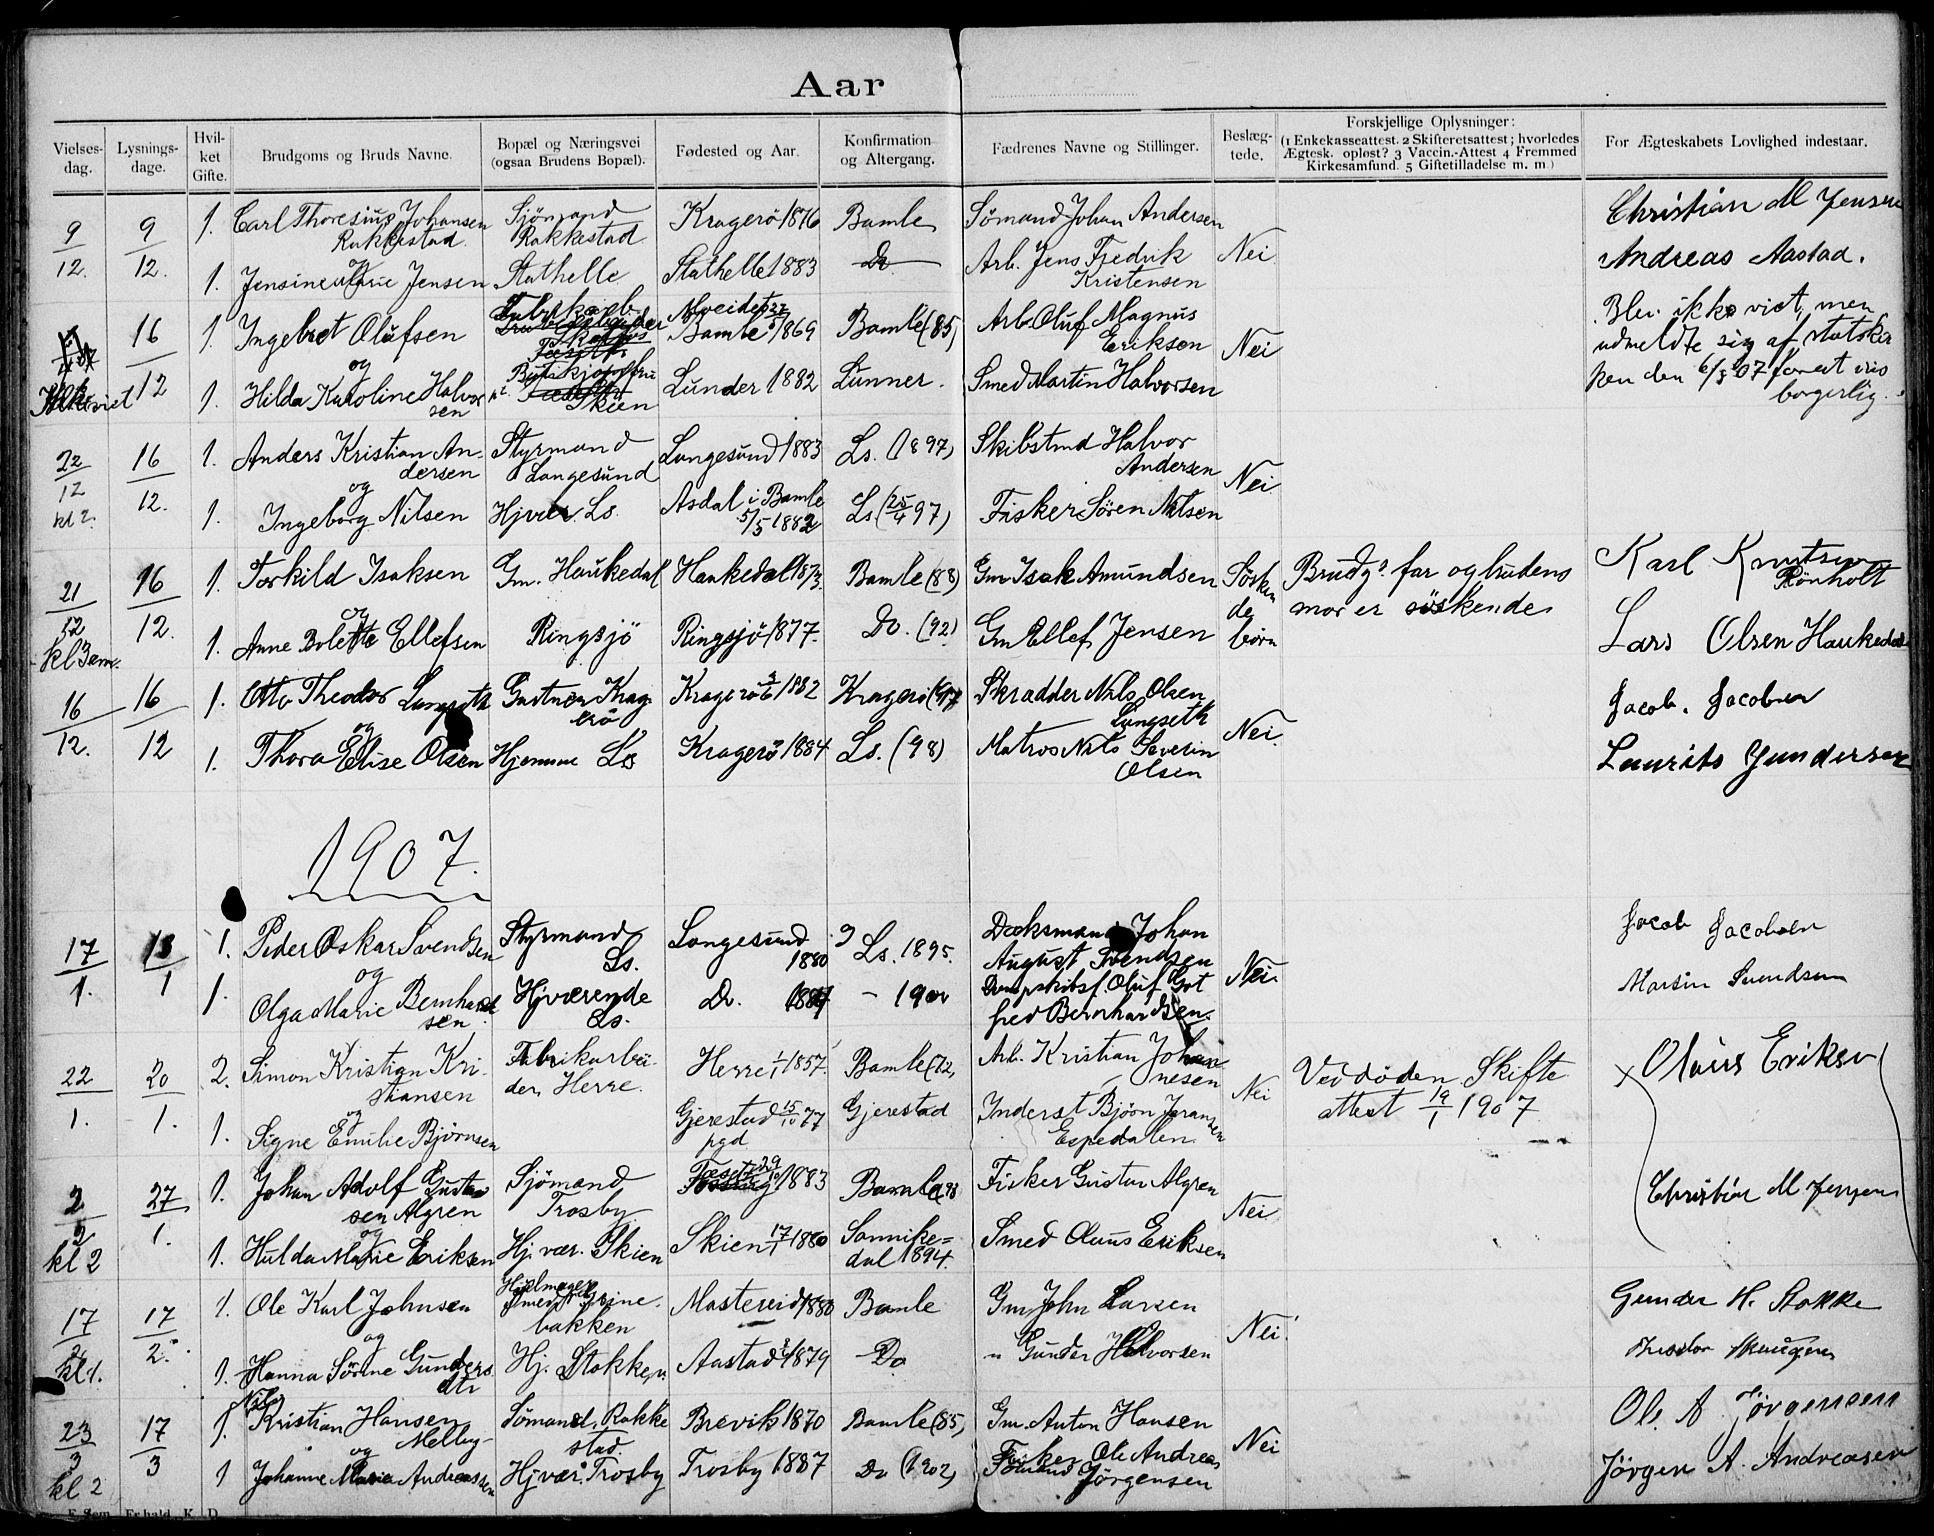 SAKO, Bamble kirkebøker, H/Ha/L0001: Lysningsprotokoll nr. 1, 1892-1920